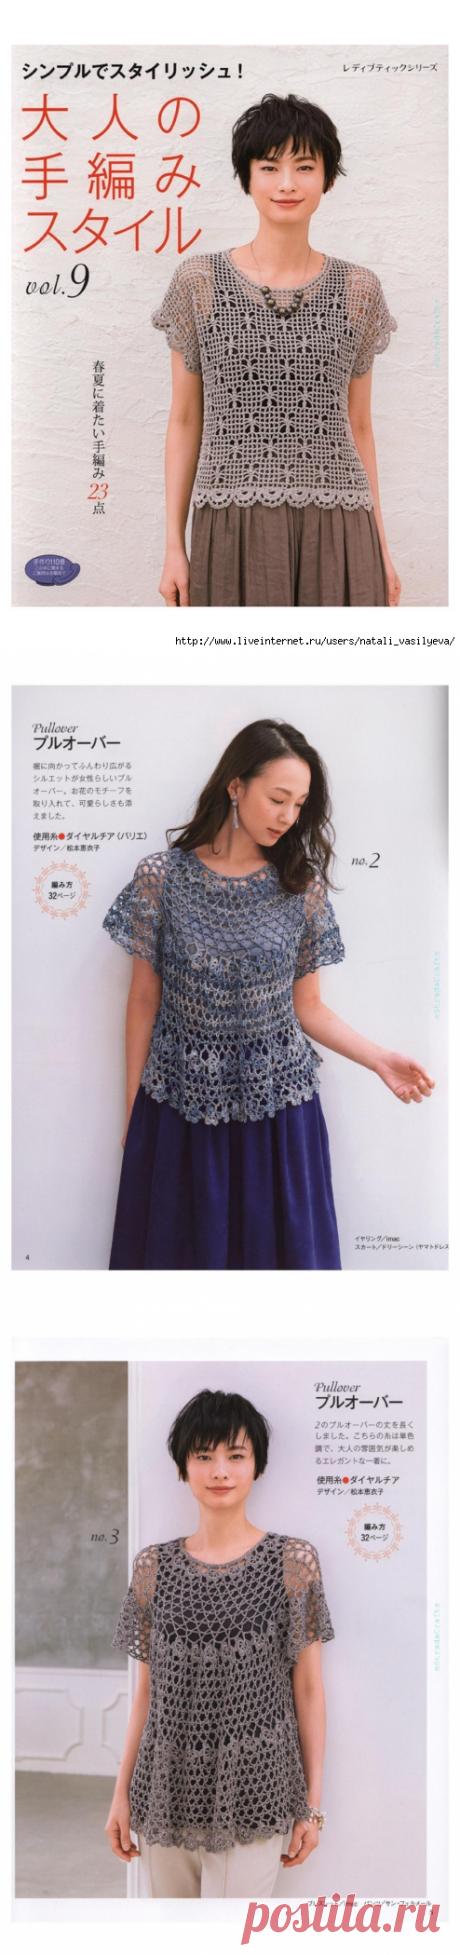 Журнал - Lady Boutique Series no.4562 2018